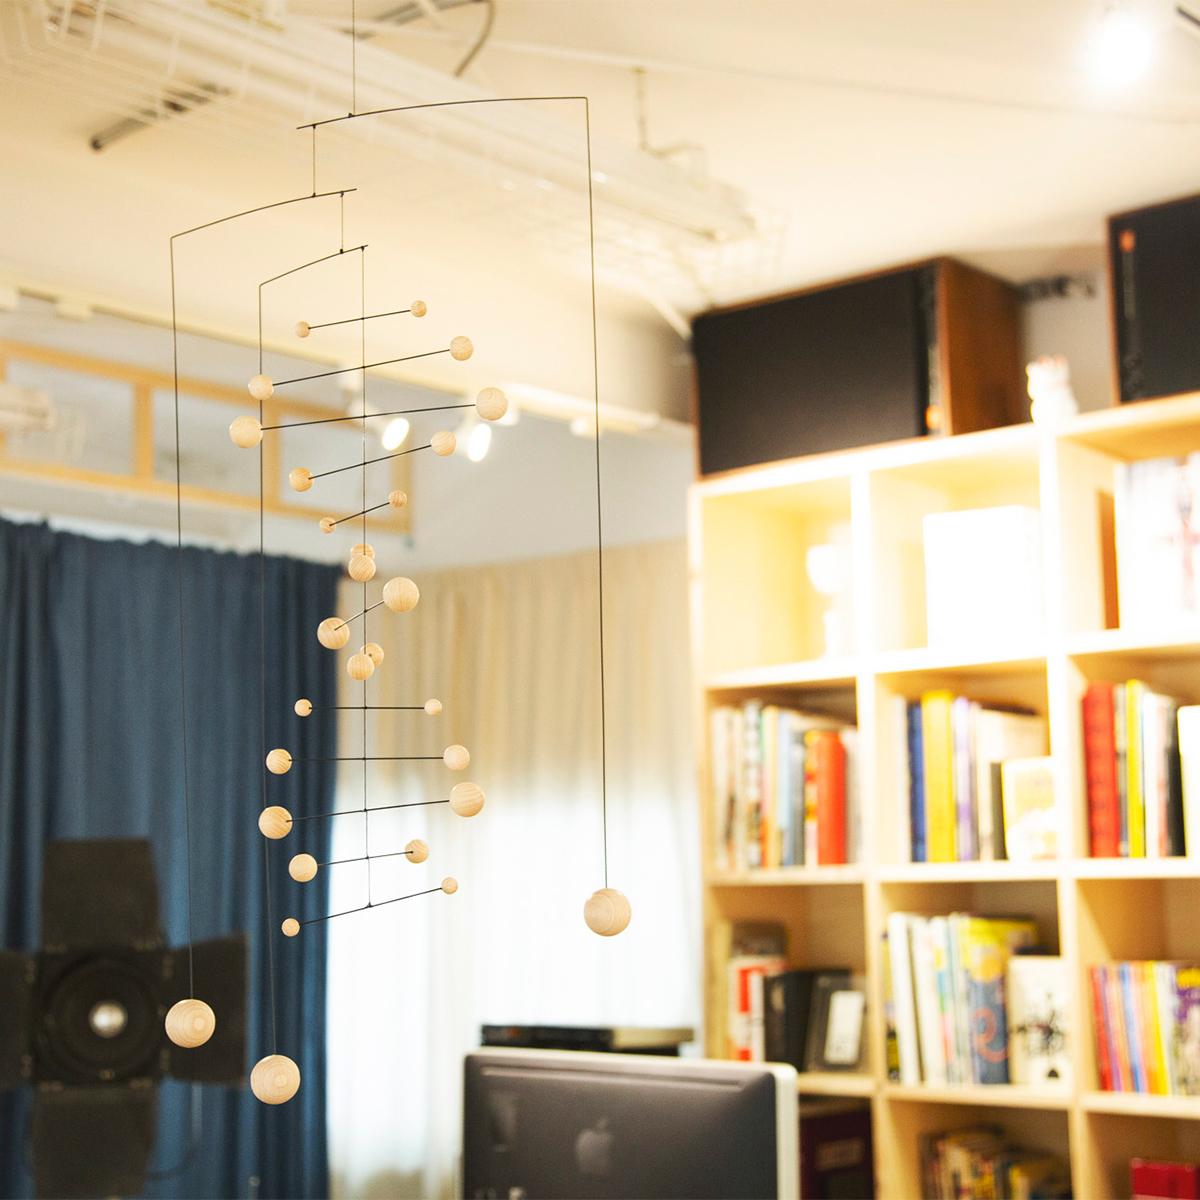 熟練した職人の手作業によって行われる組み立てと梱包。吊り下げるだけで、お部屋がモダン空間に変わる「大人のモビール」|FLENSTED MOBILES(フレンステッドモビール)